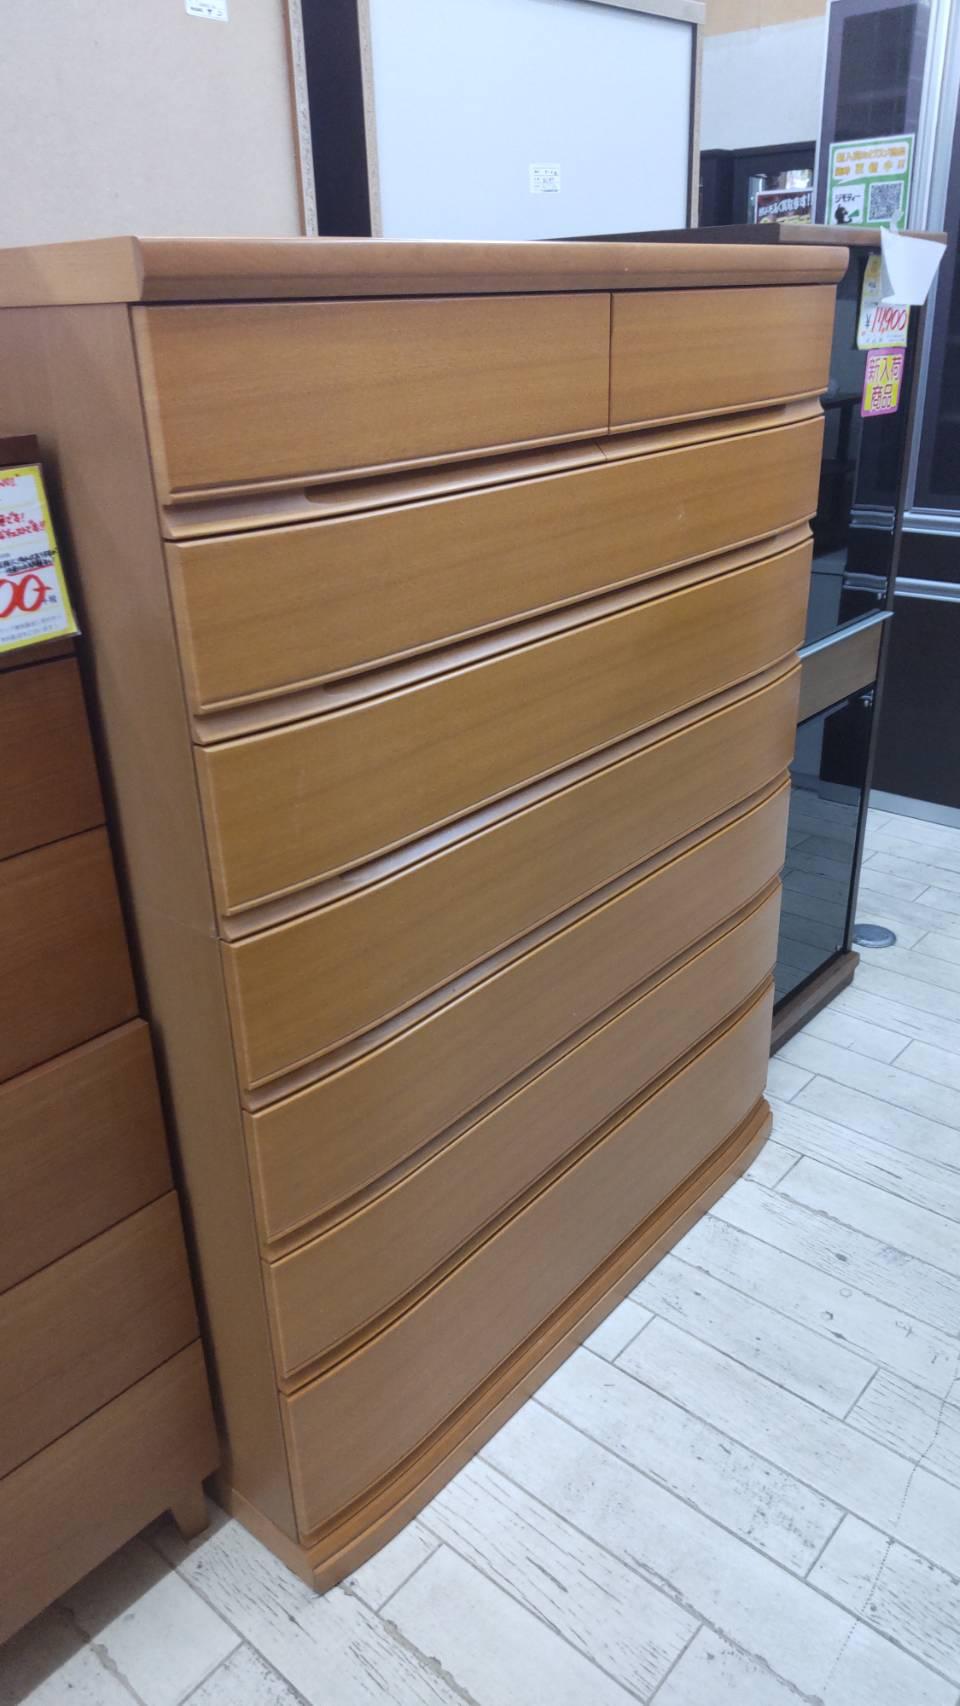 【府中家具 7段チェスト IDC大塚家具購入 収納家具 桐製家具】を買取させて頂きました!の買取-